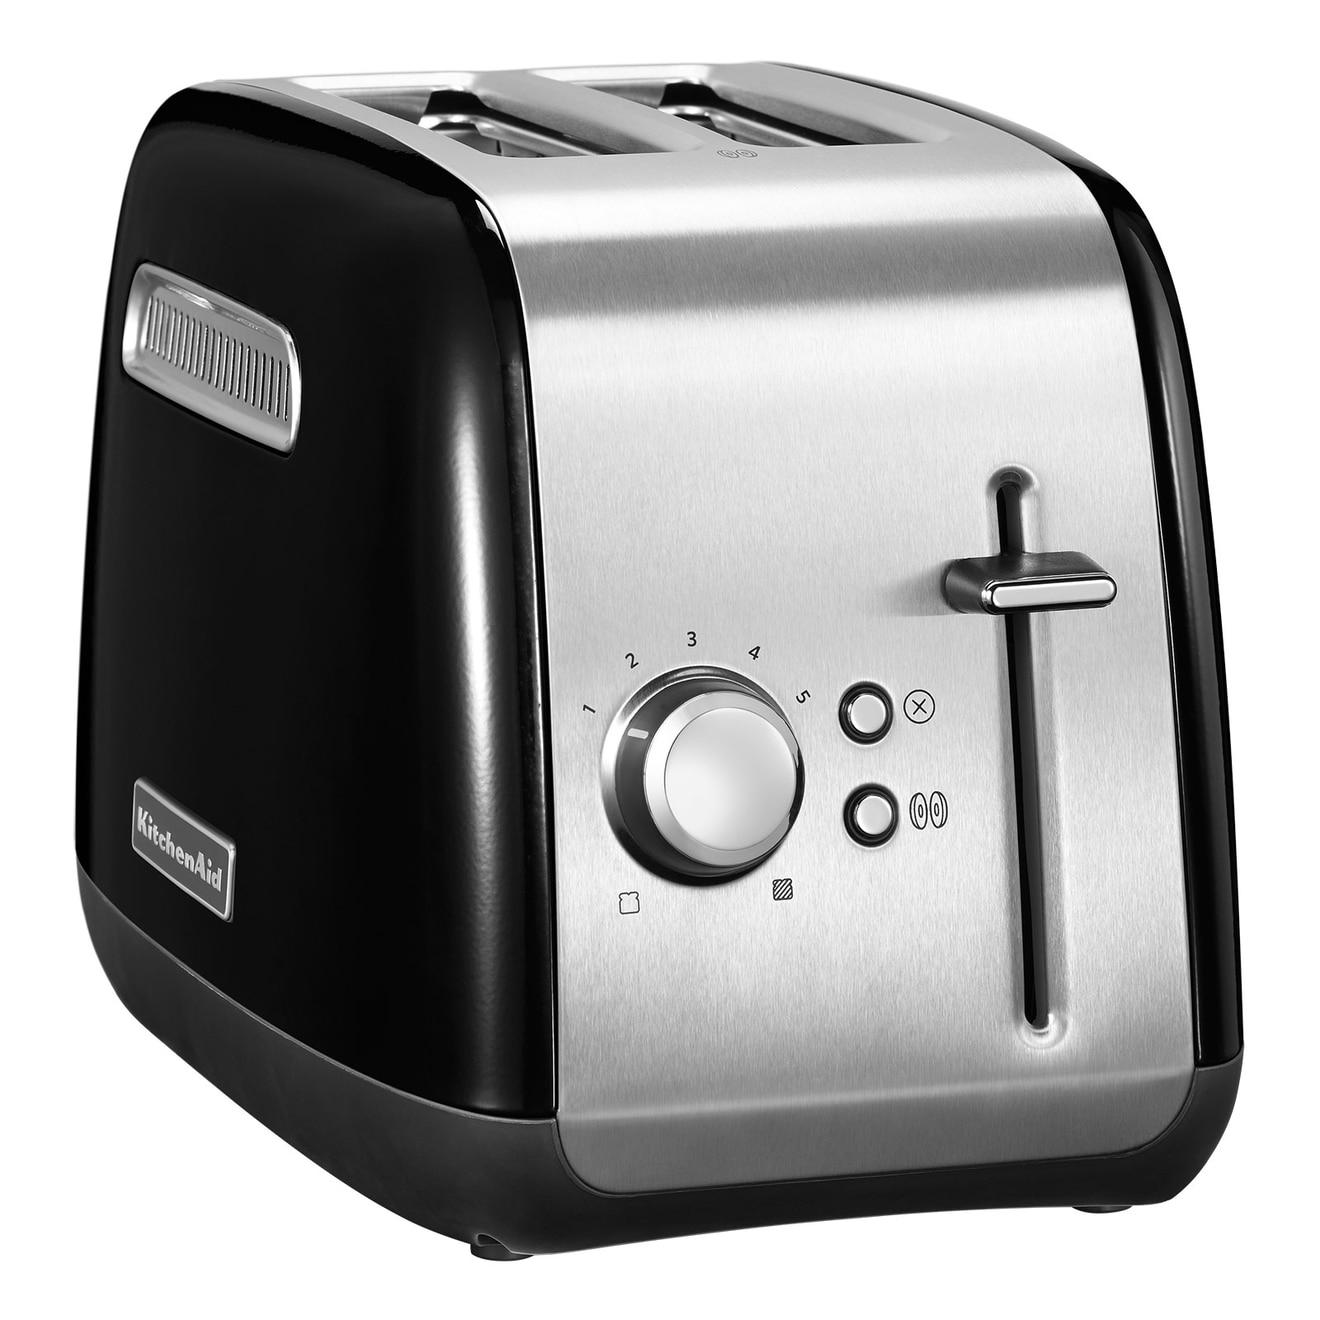 KitchenAid Toaster 5KMT2115EOB mit Bagel Funktion Onyx Schwarz für 44€ inkl. Versandkosten